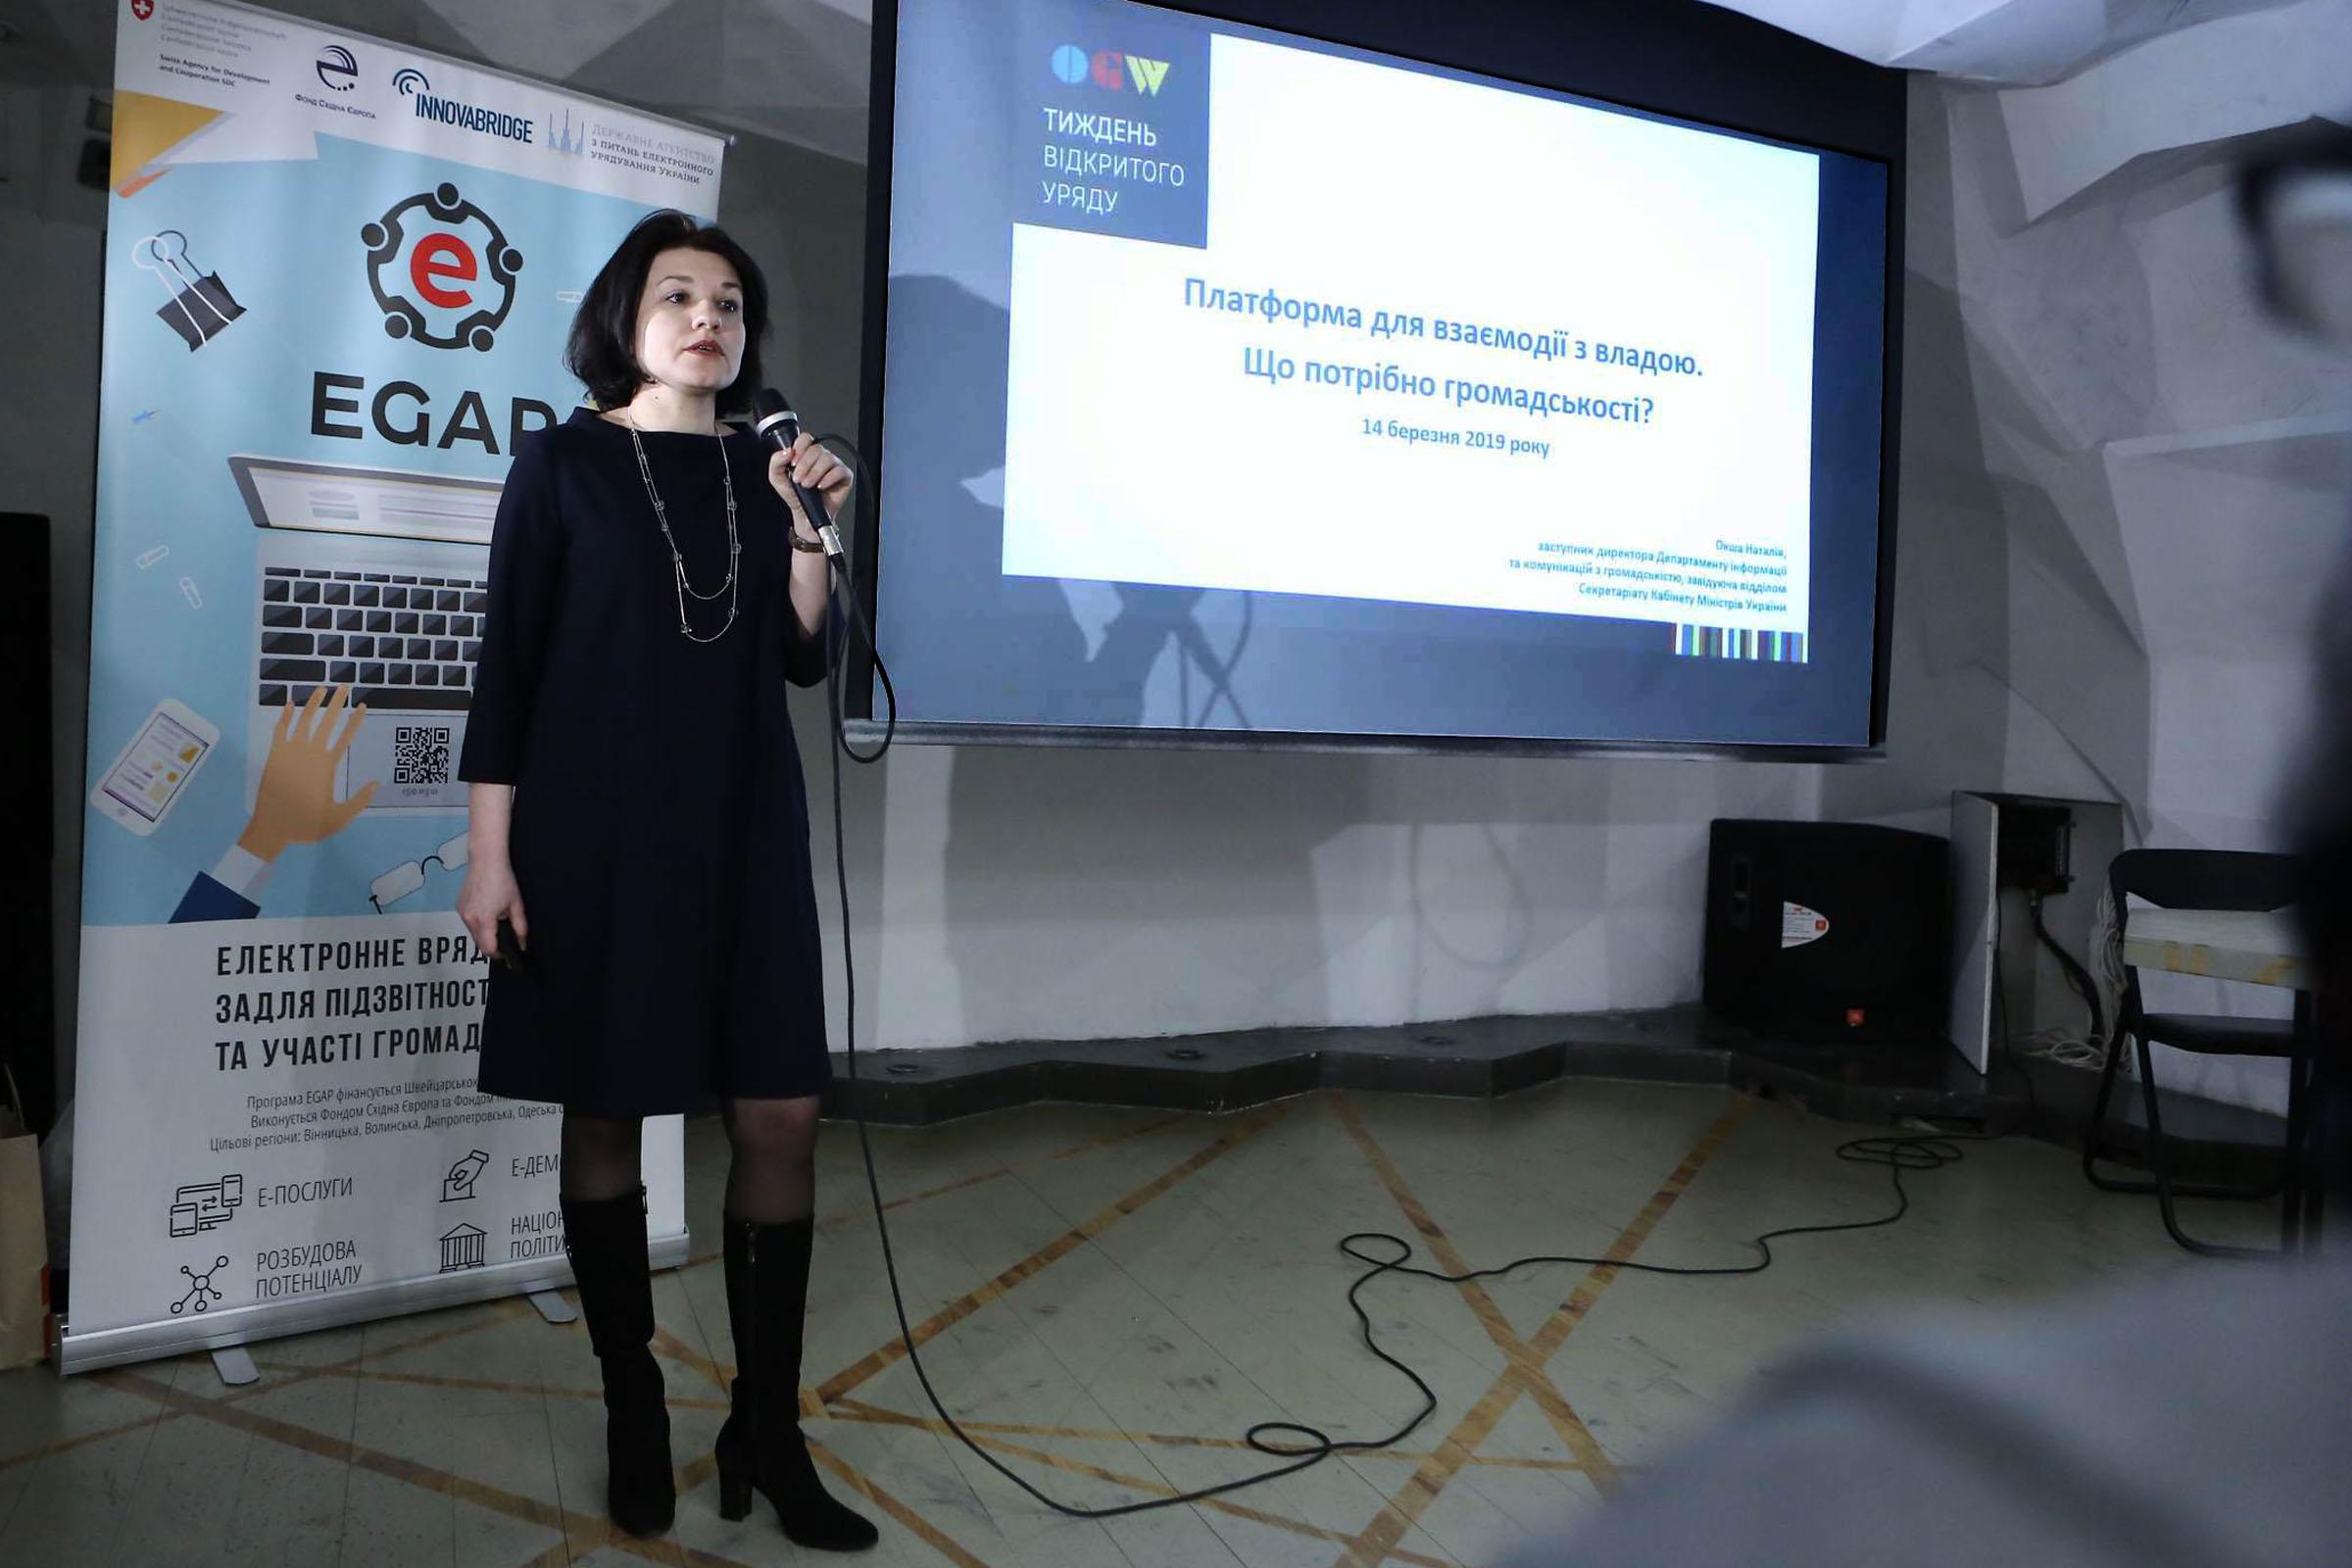 Якою має бути онлайн-платформа для взаємодії органів виконавчої влади та громадськості, обговорили під час Тижня Відкритого Уряду